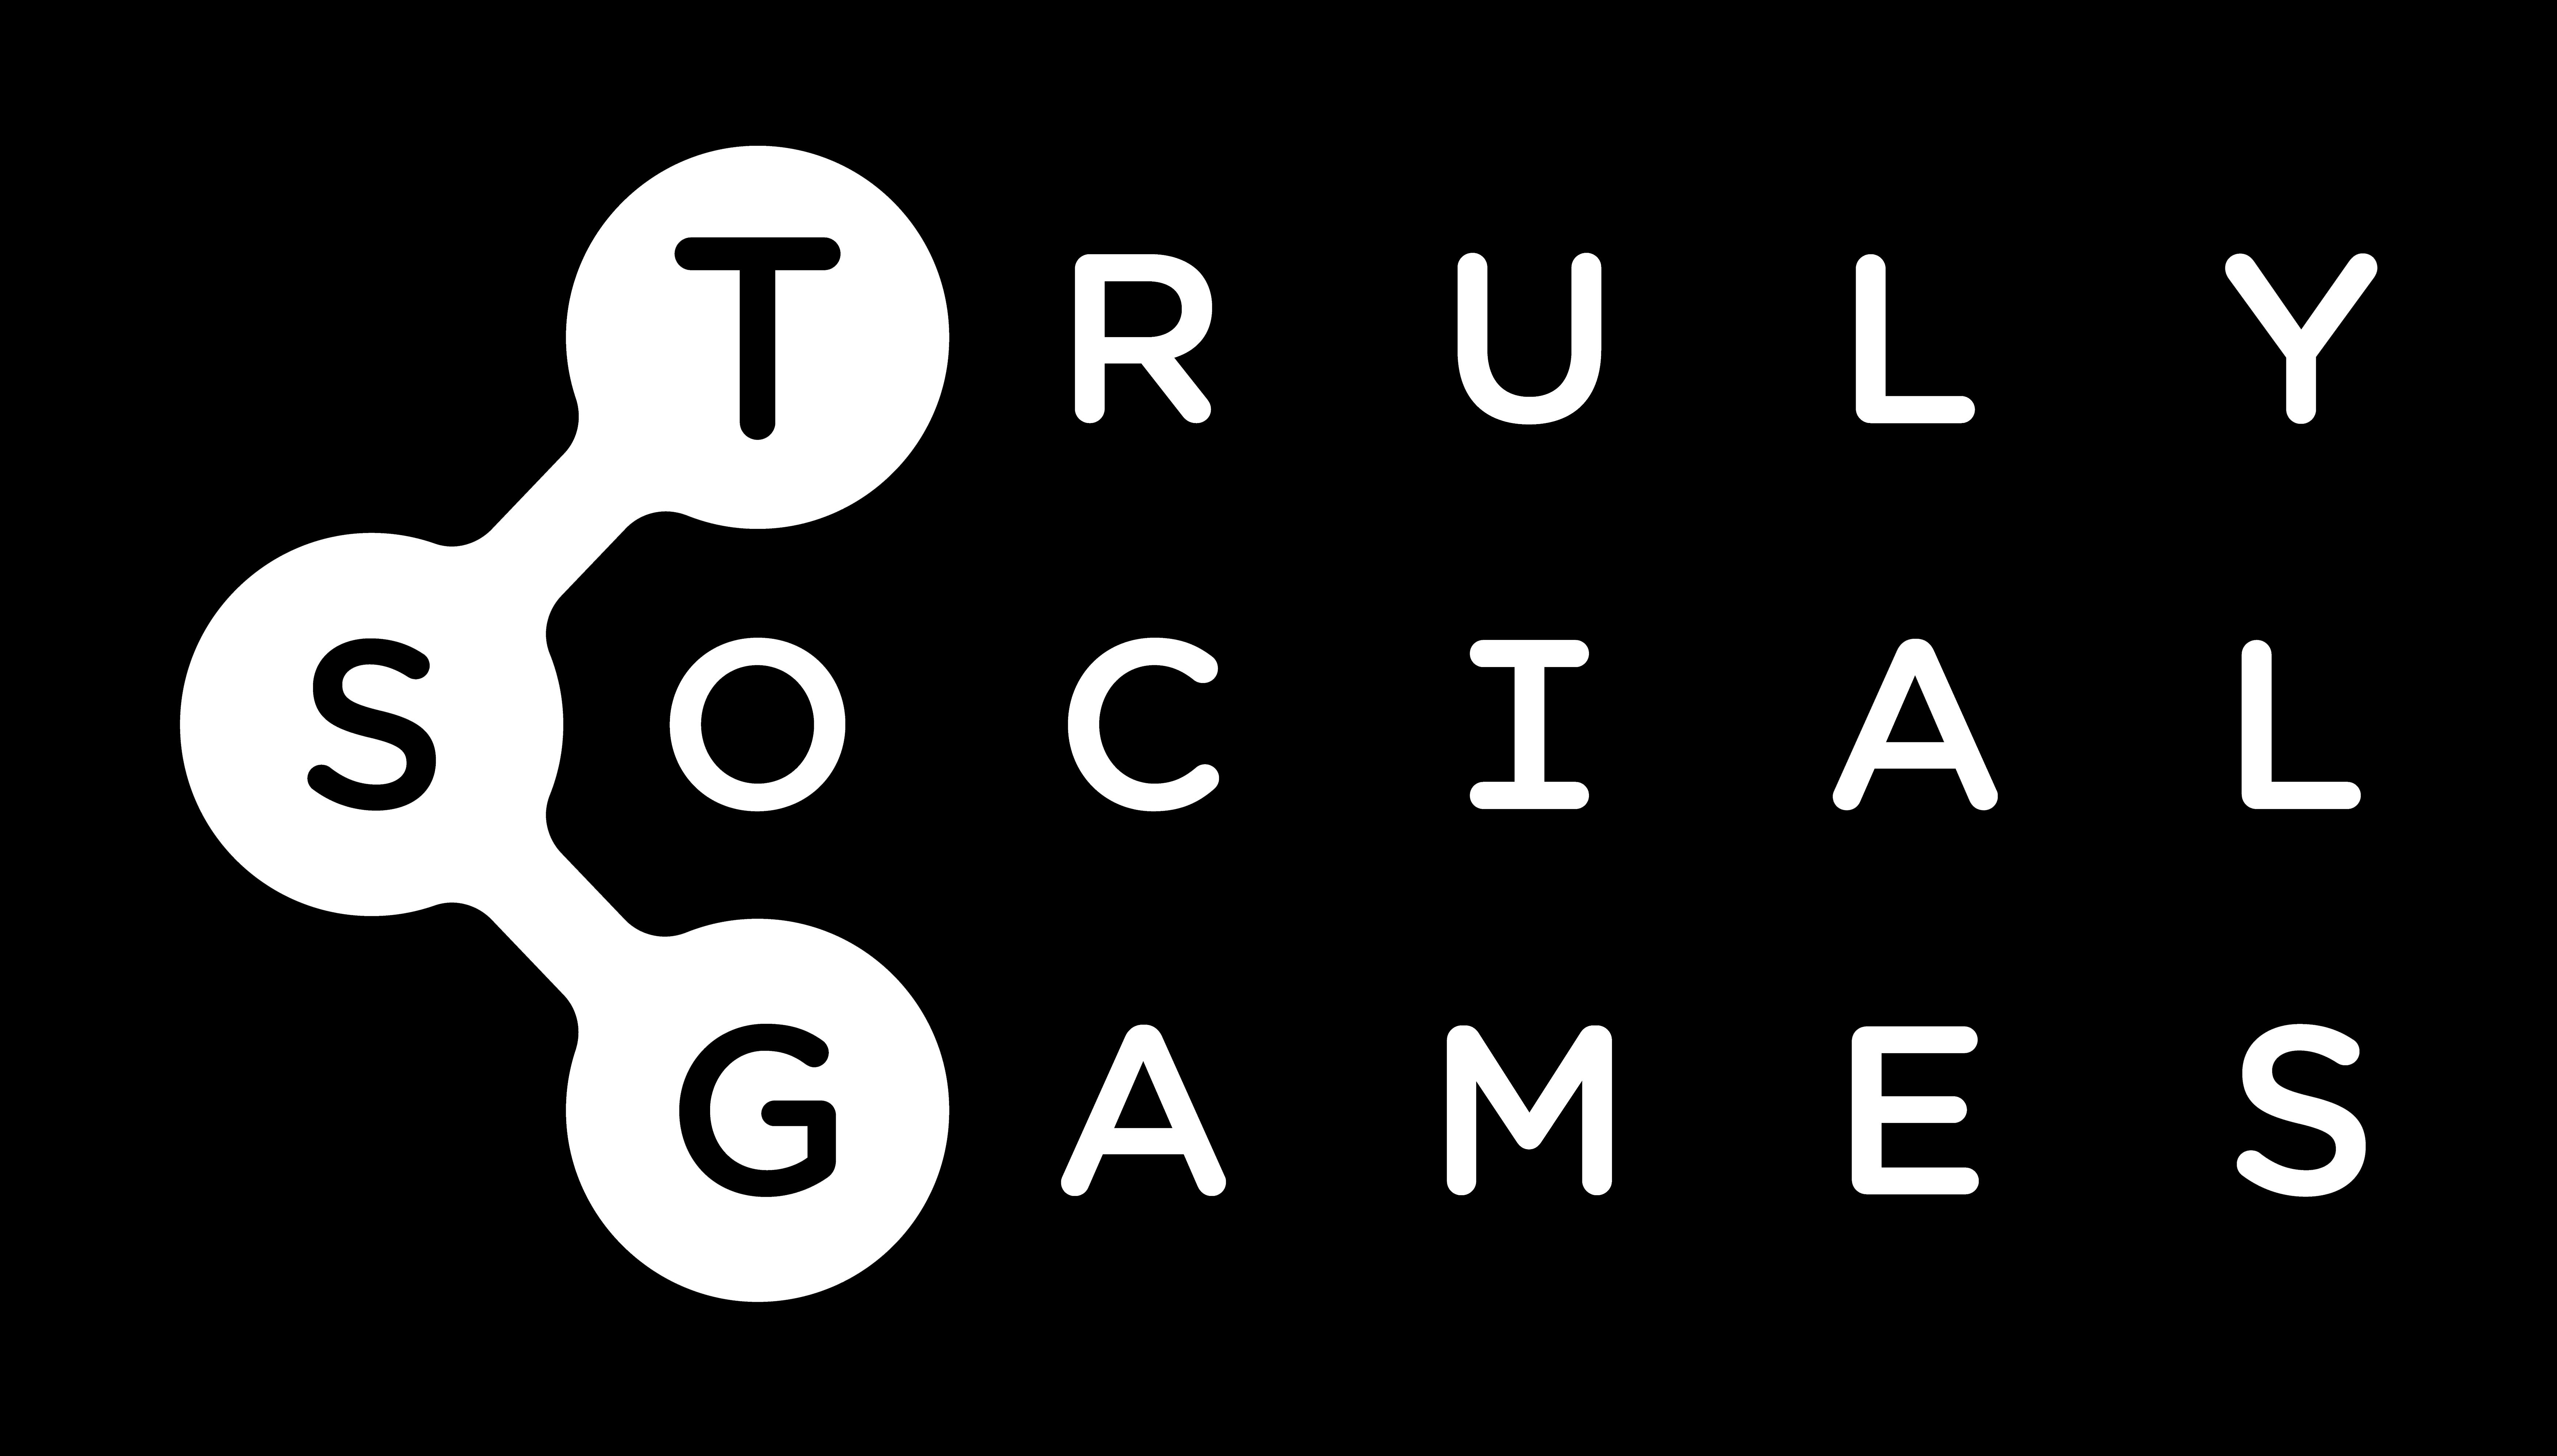 Truly Social Games LLC